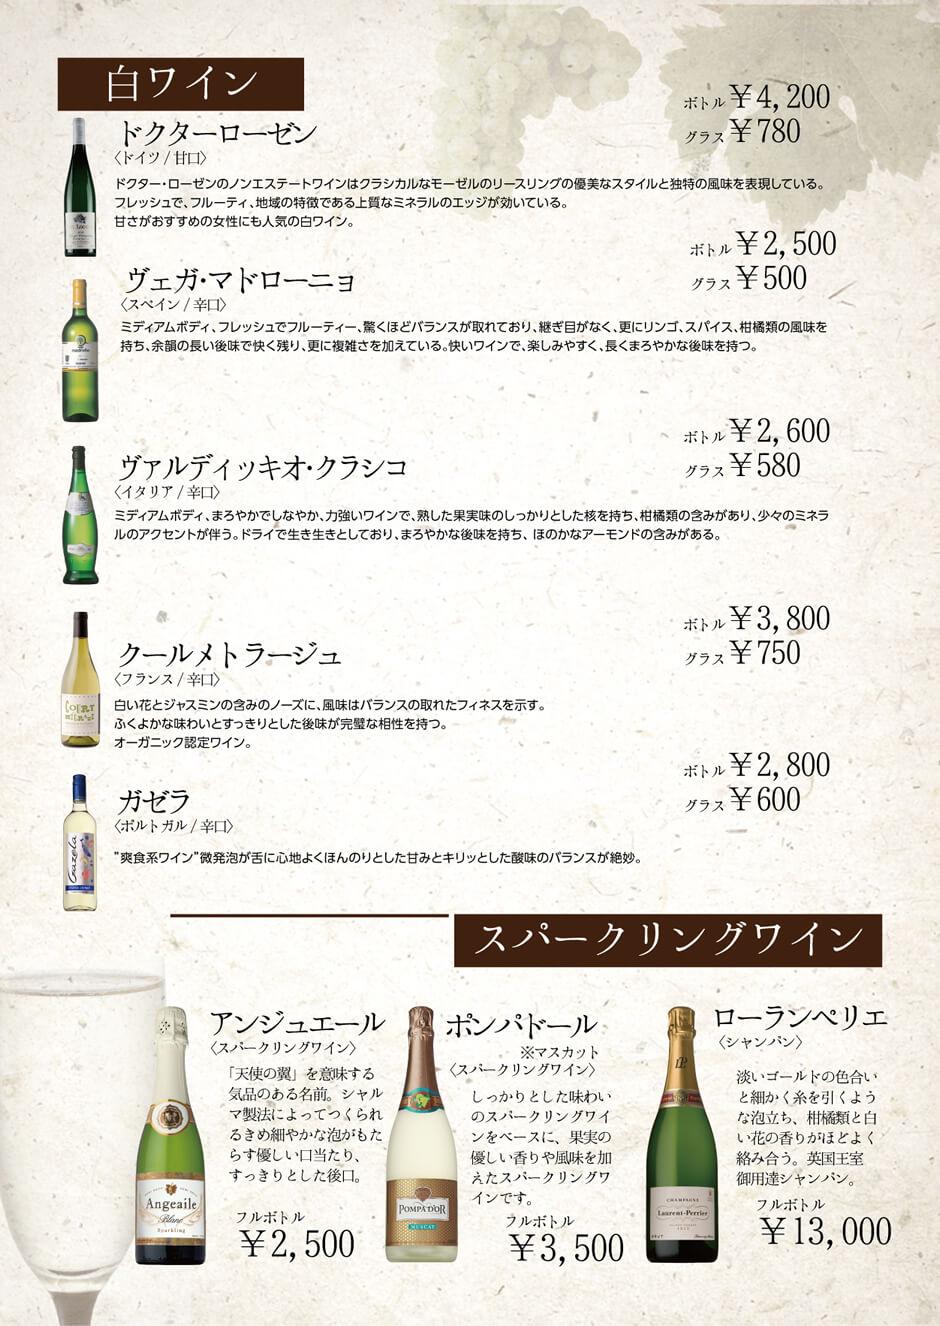 ランチョ エルパソ×A4ドリンクメニュー_05P白スパークリングワイン修正-01